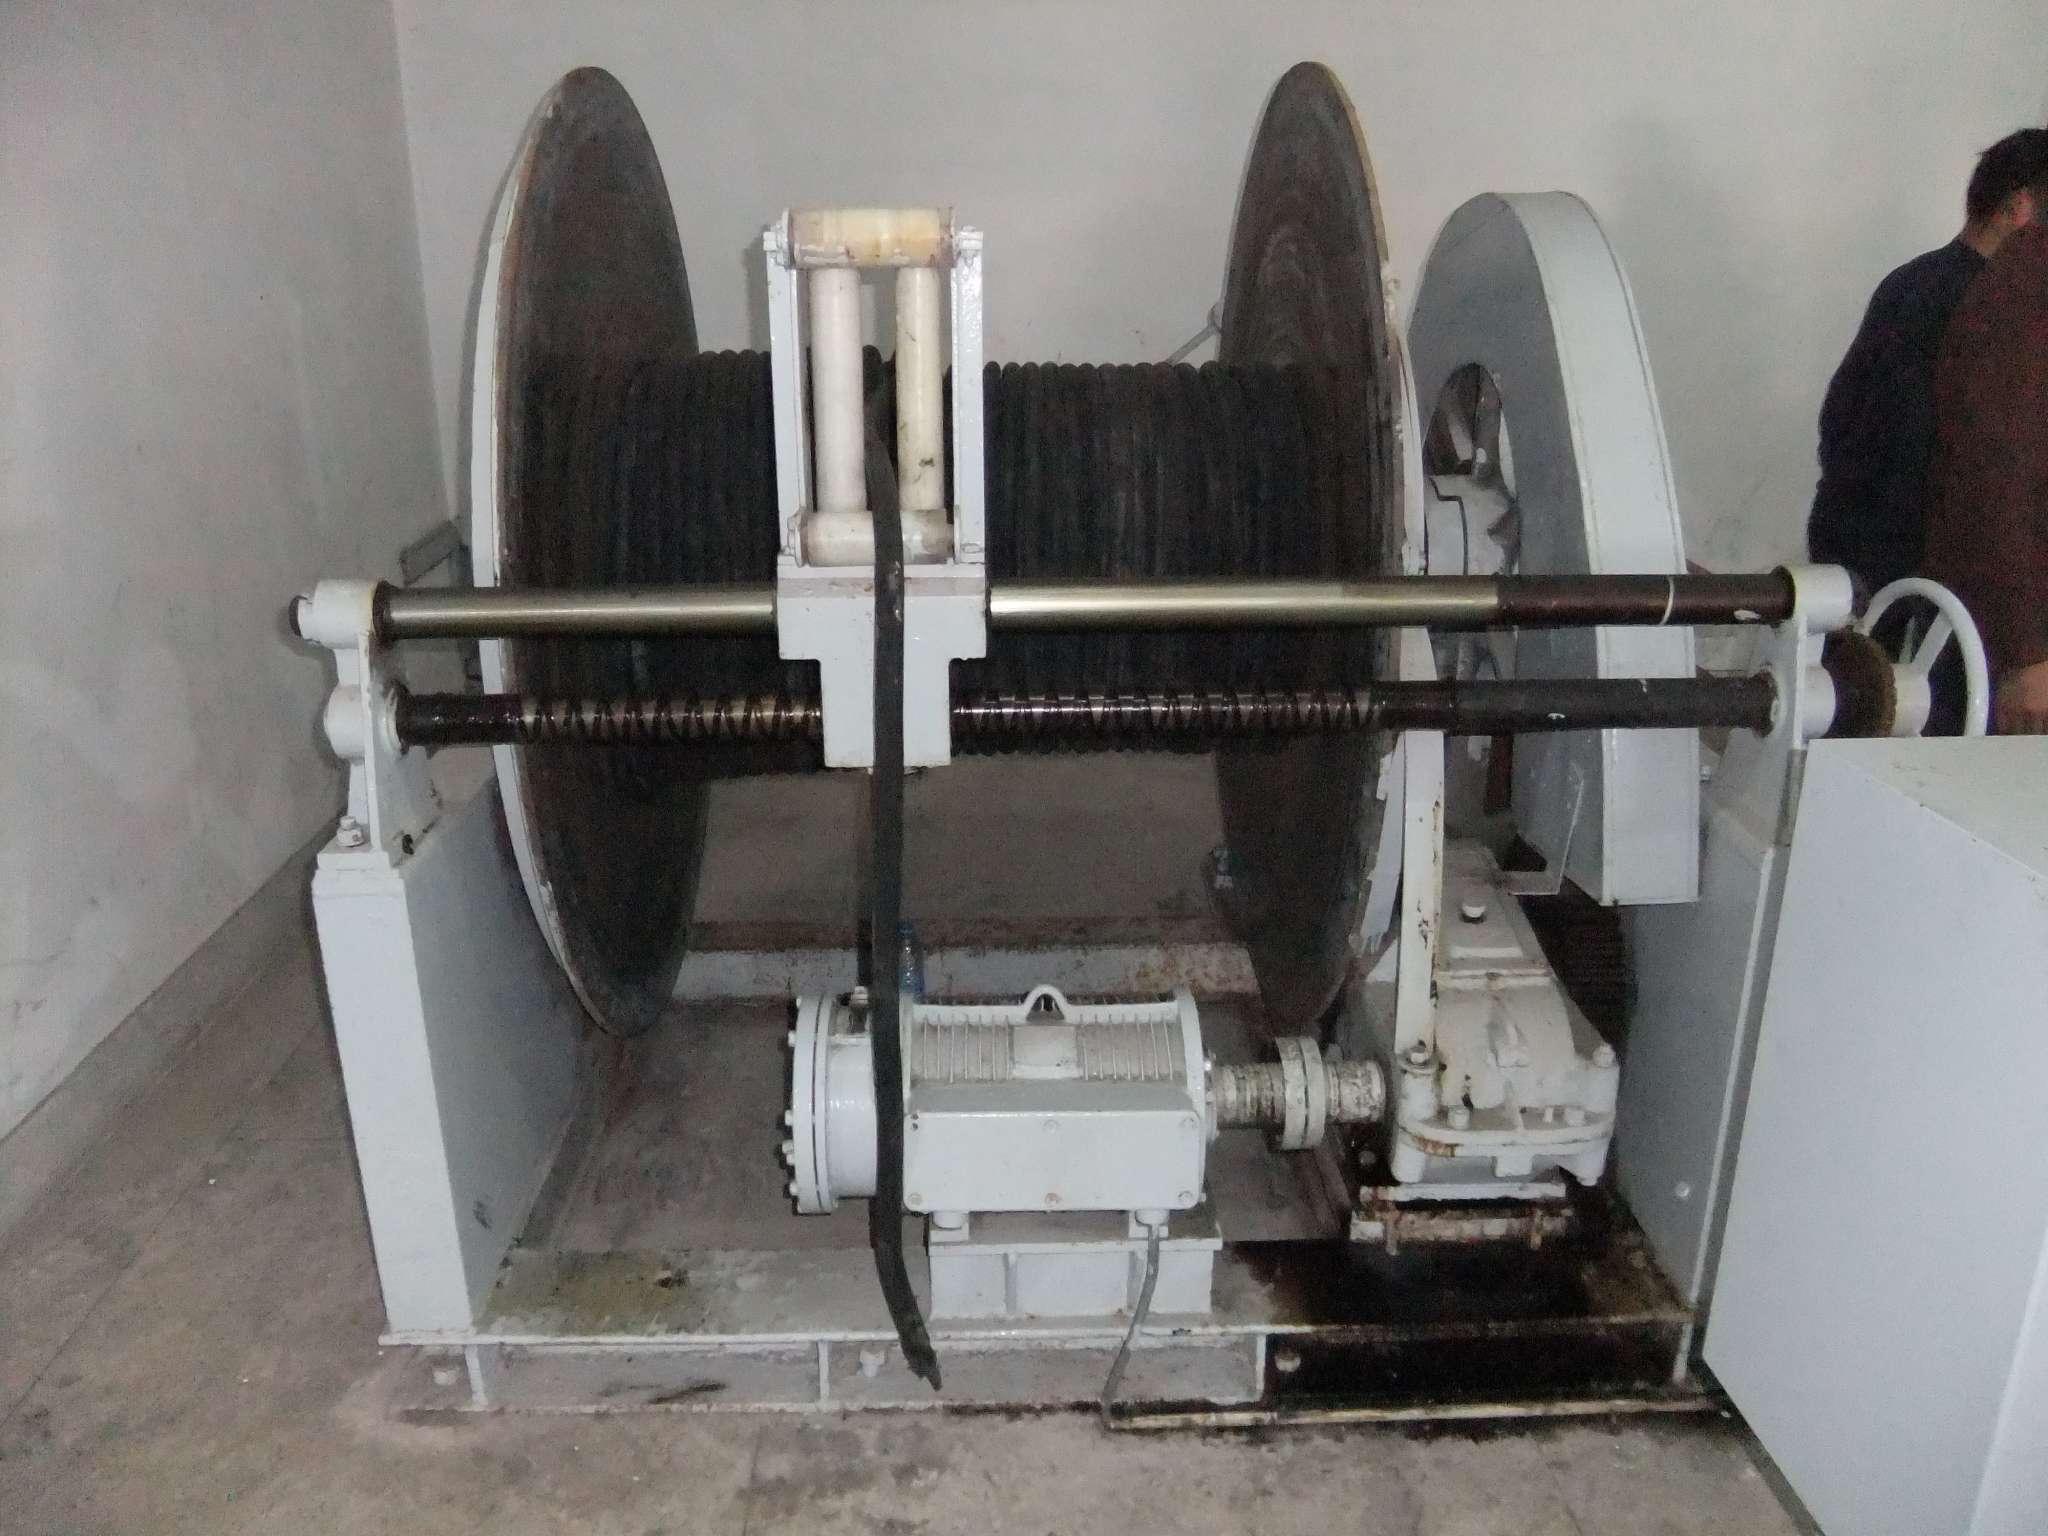 电缆绞车 - 鹤壁市汤鹤路万发通用机械厂